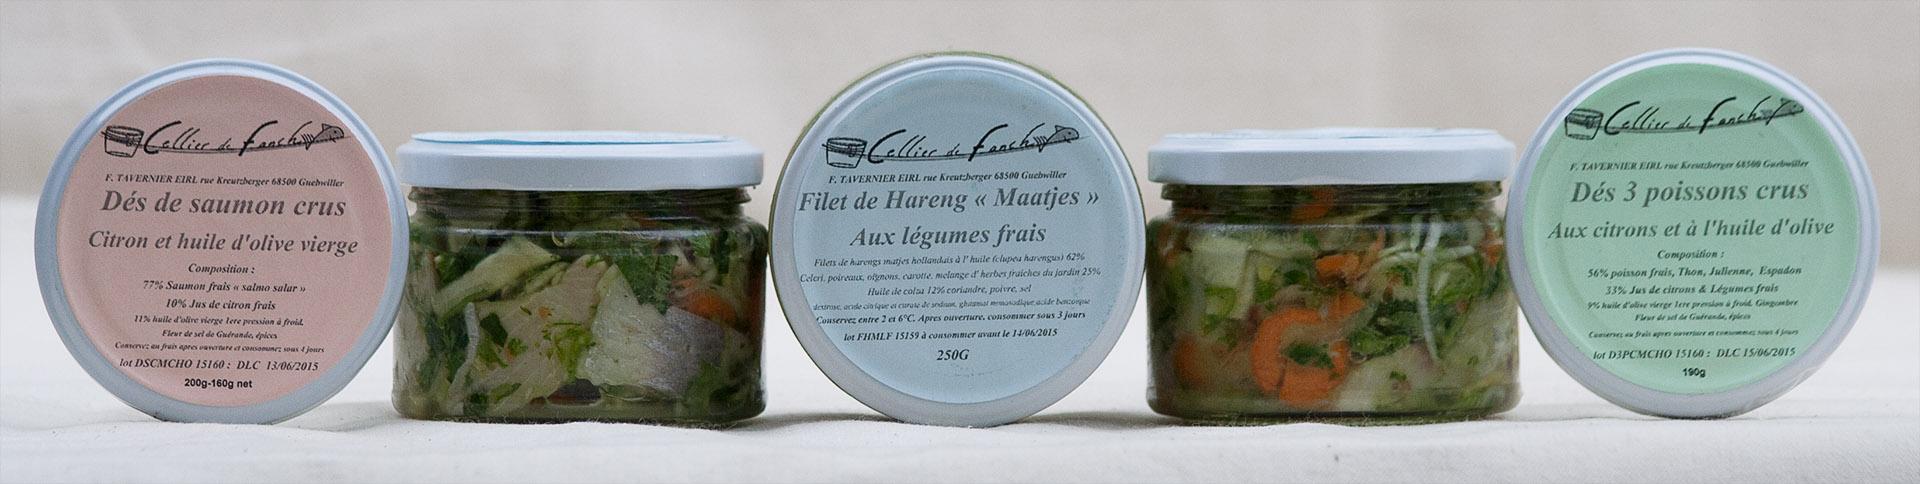 Photo des produits crus et marinés